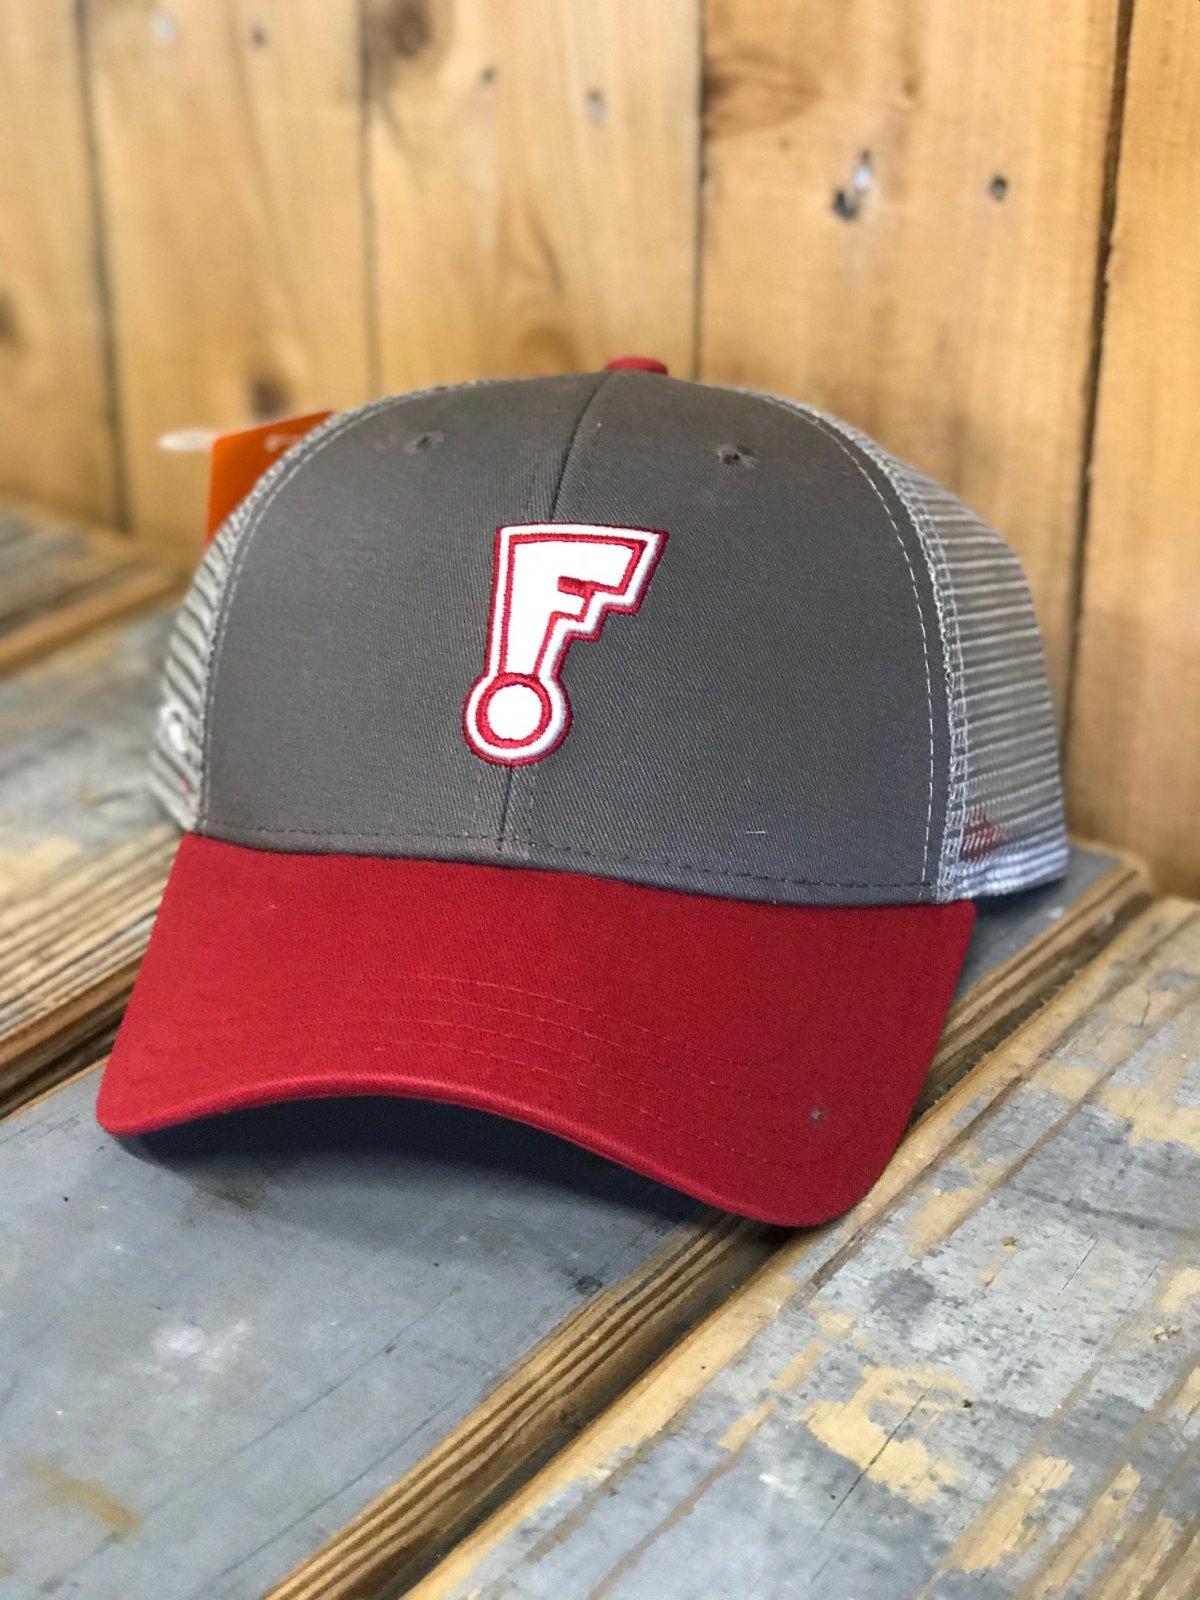 FLUID F DOT TRUCKER GRY/RED